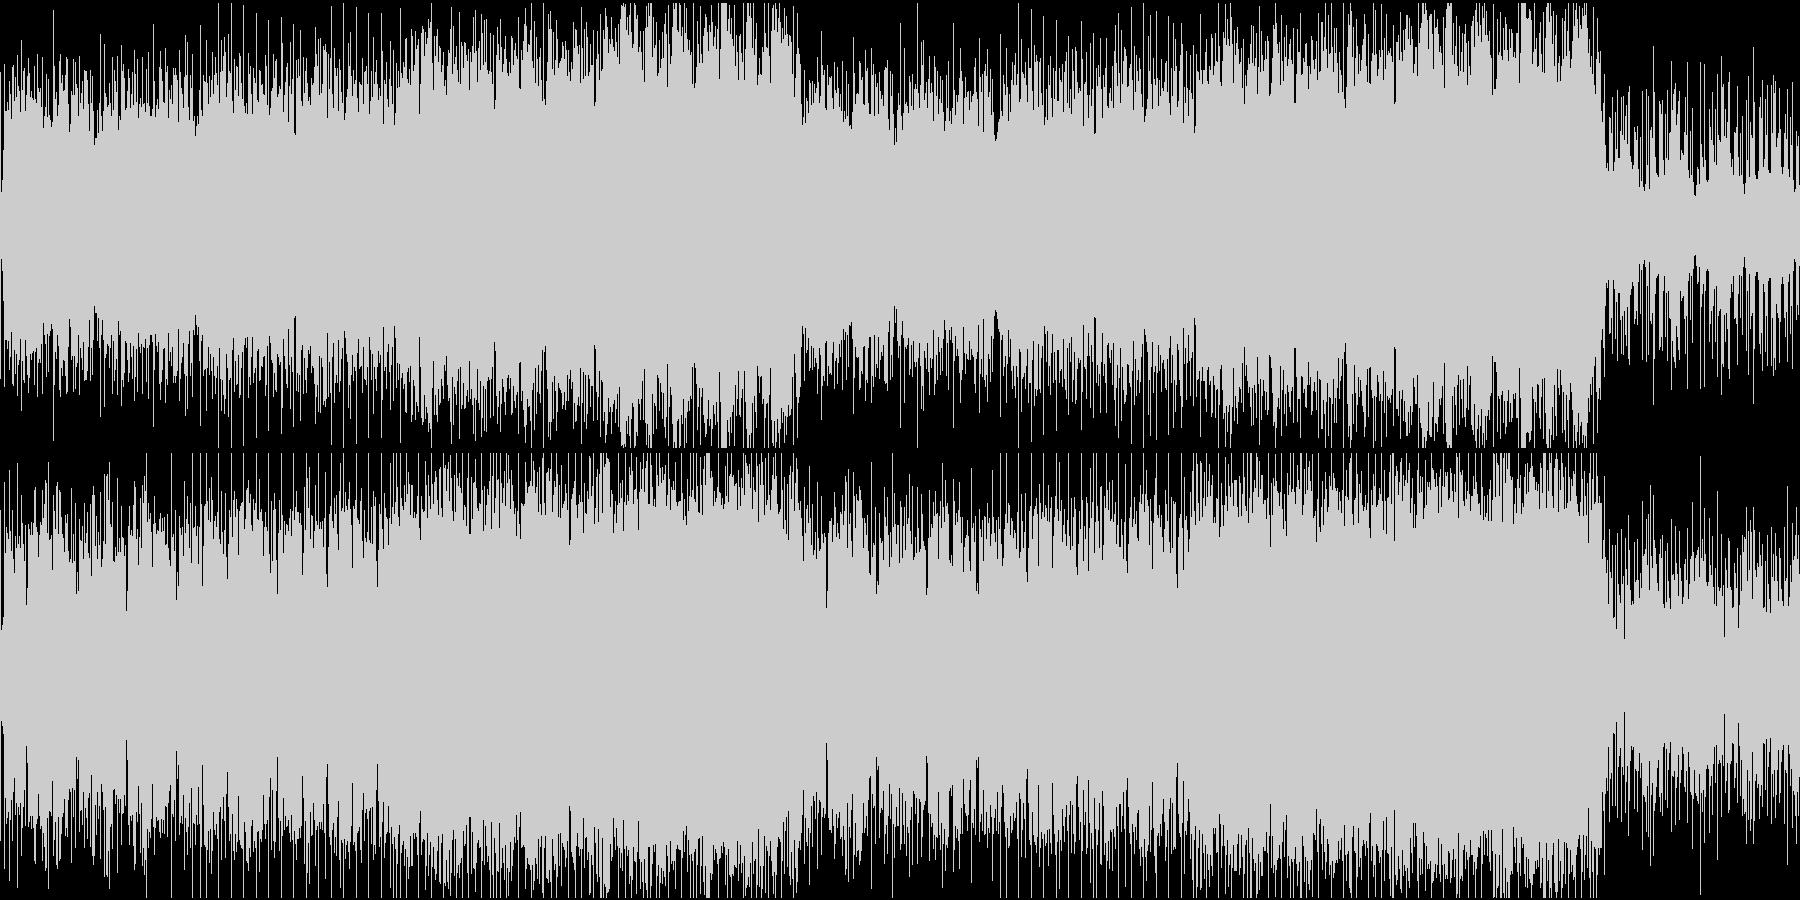 [ループ]R&Bな雰囲気のアンビエント曲の未再生の波形